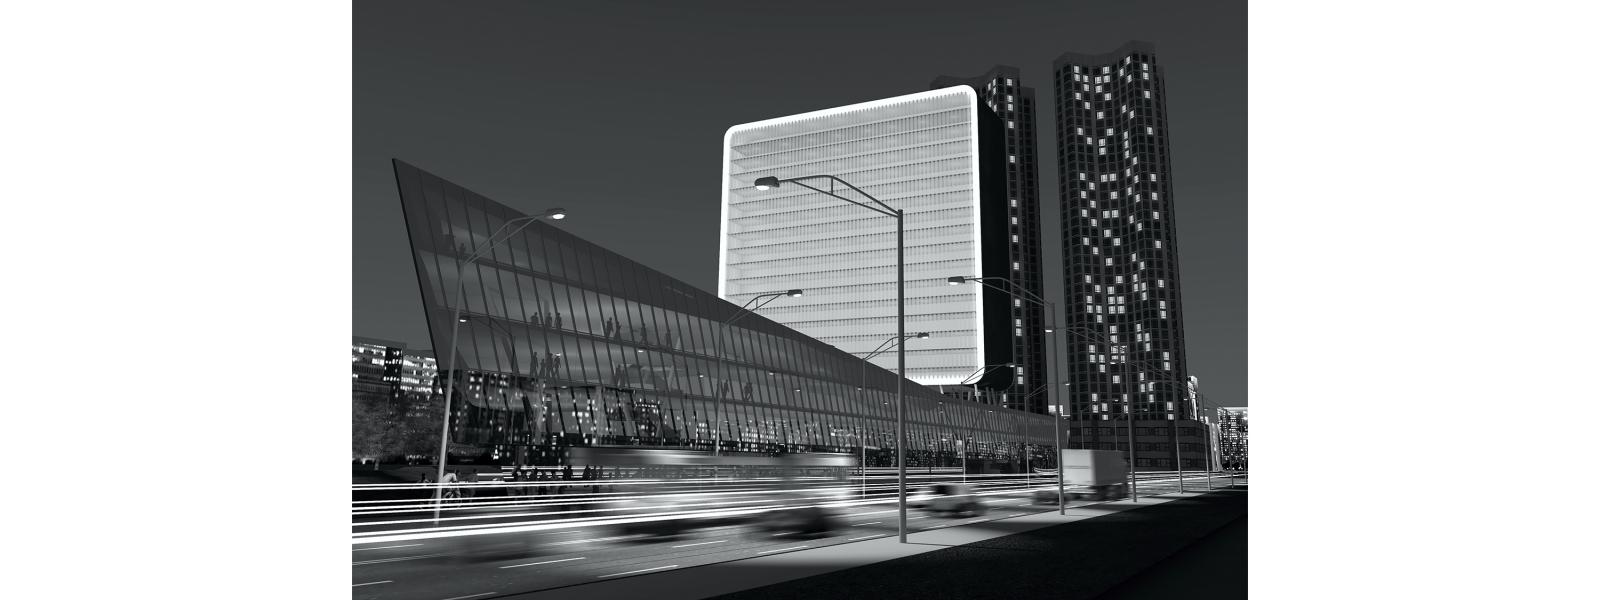 work-Многофункциональный комплекс Cheongju New Cityhall, S. Korea / Новая ратуша в городе Чхонджу, Республика Корея